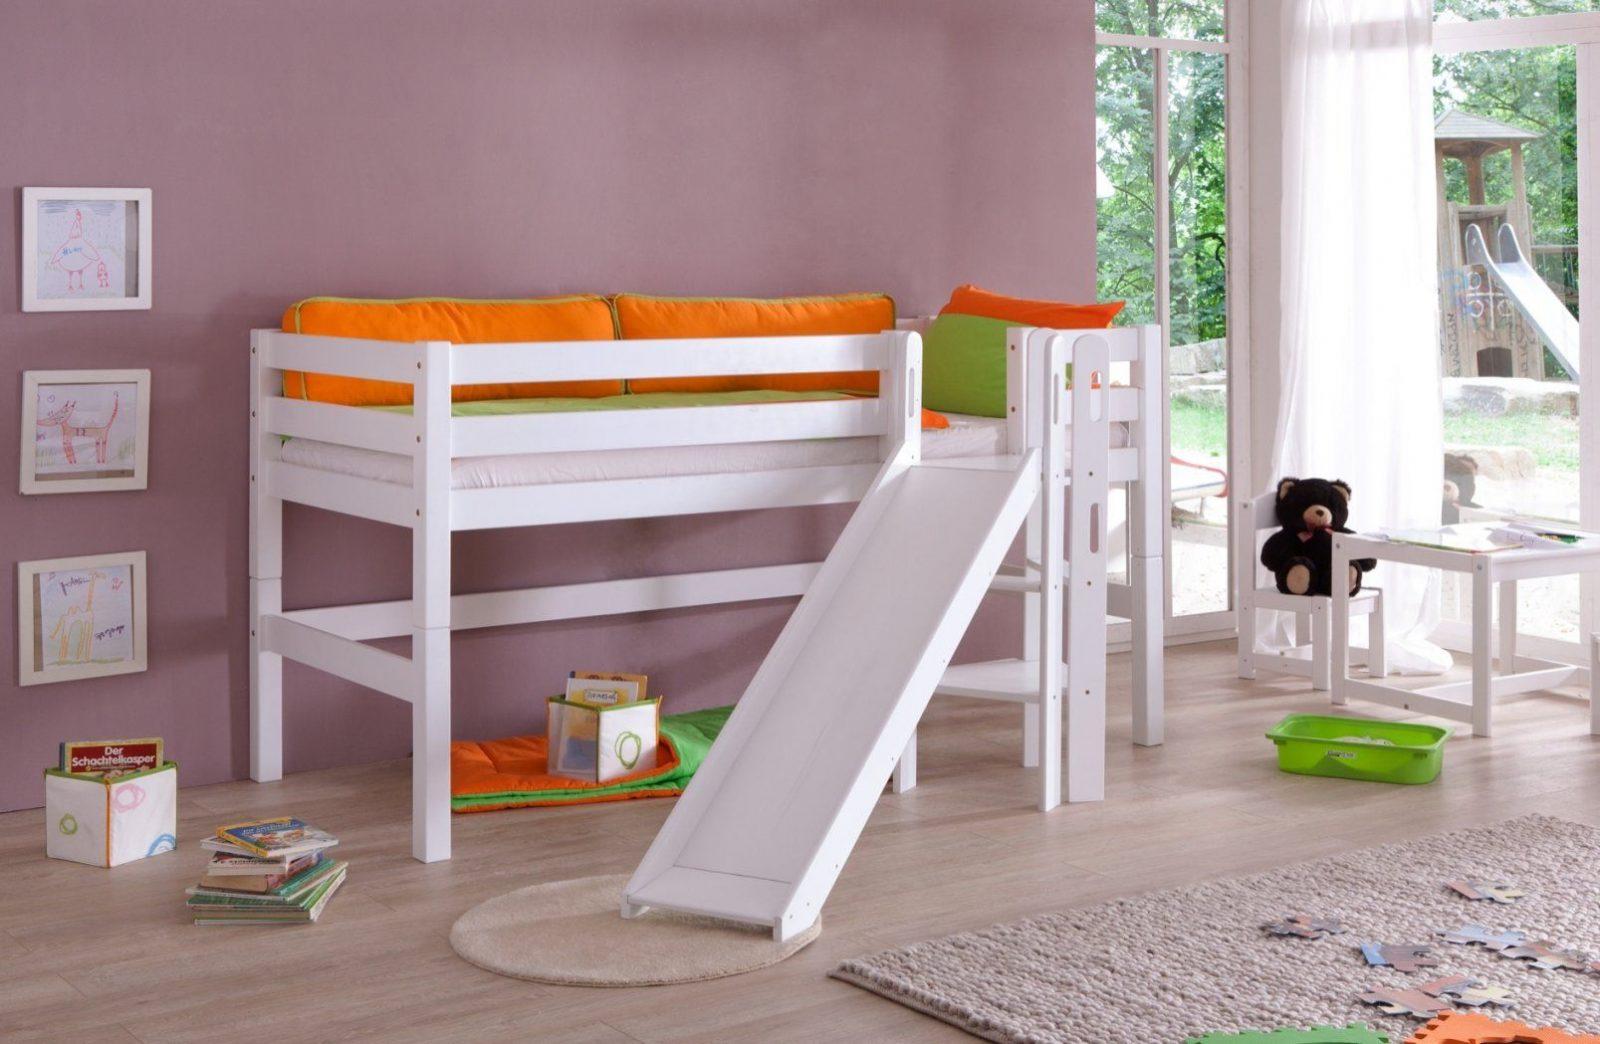 kinderhochbett mit rutsche guenstig kaufen haus design ideen